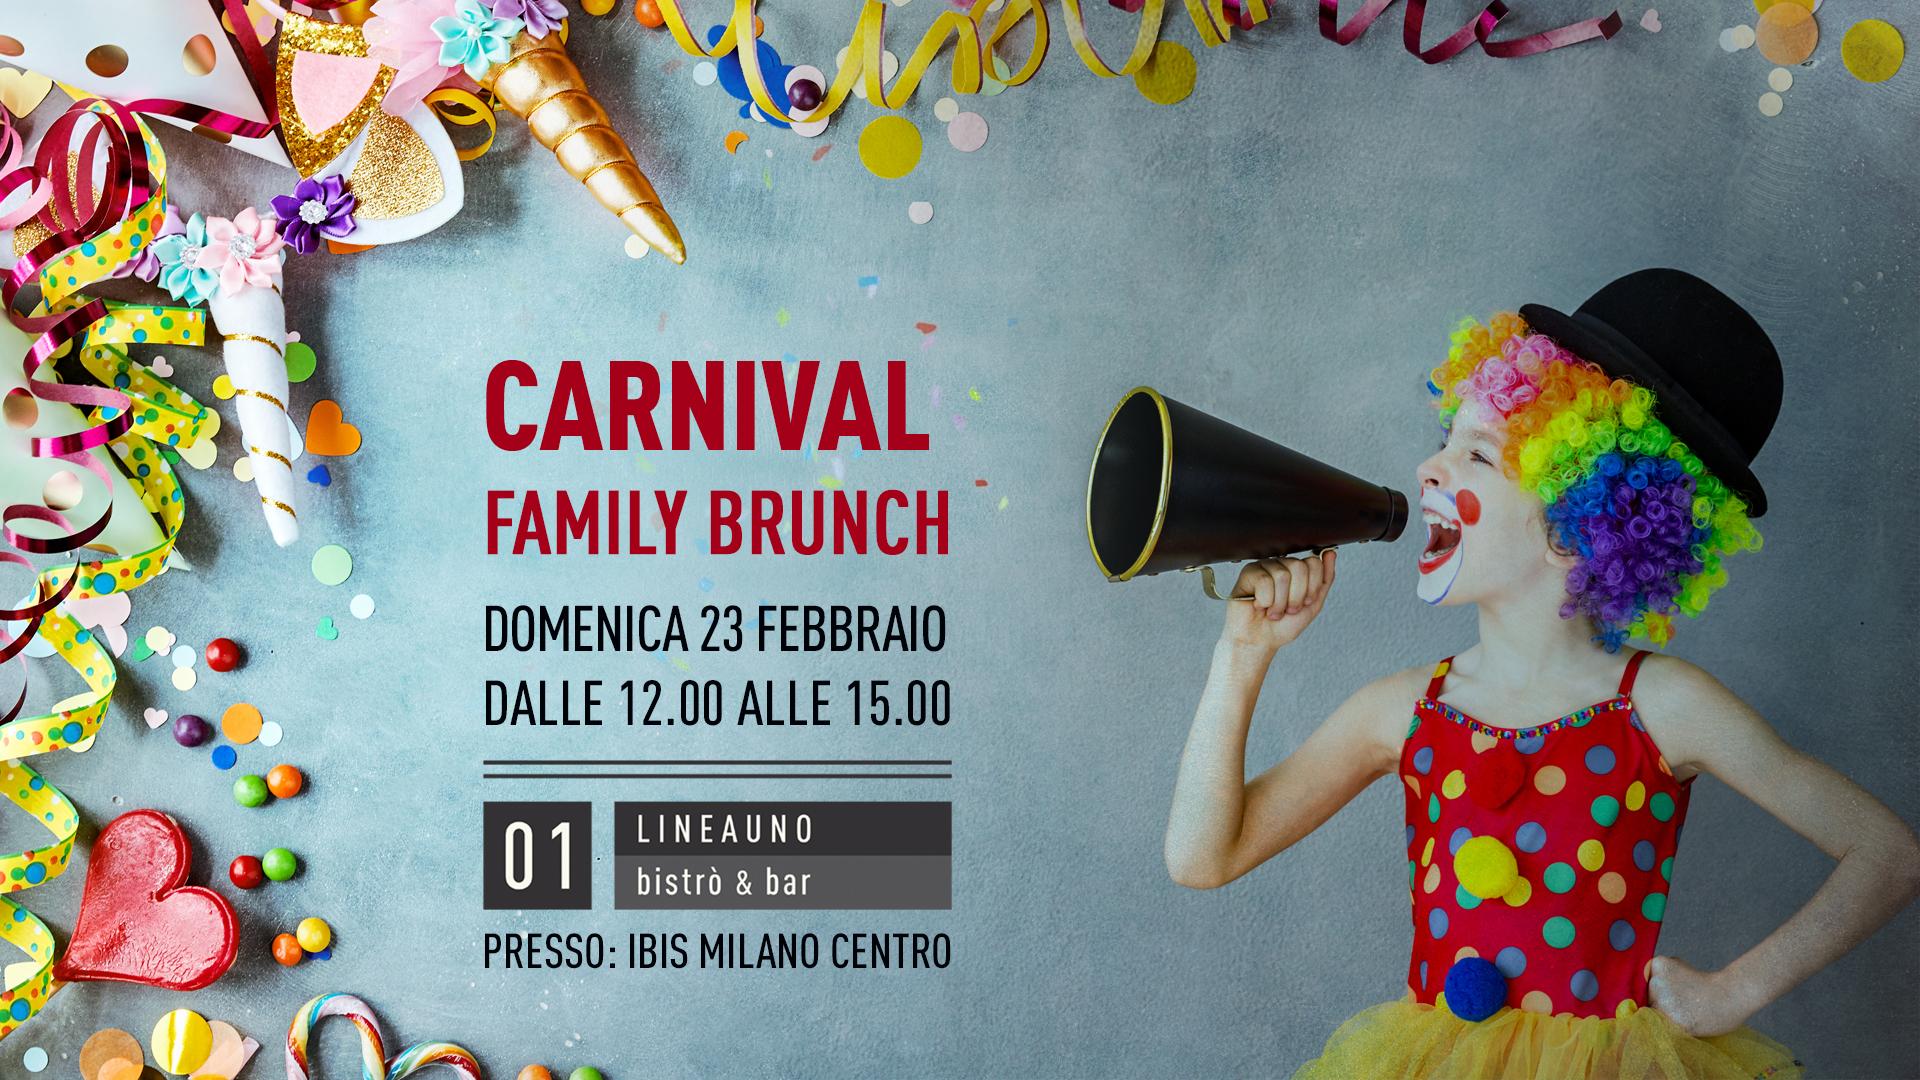 Carnival family brunch